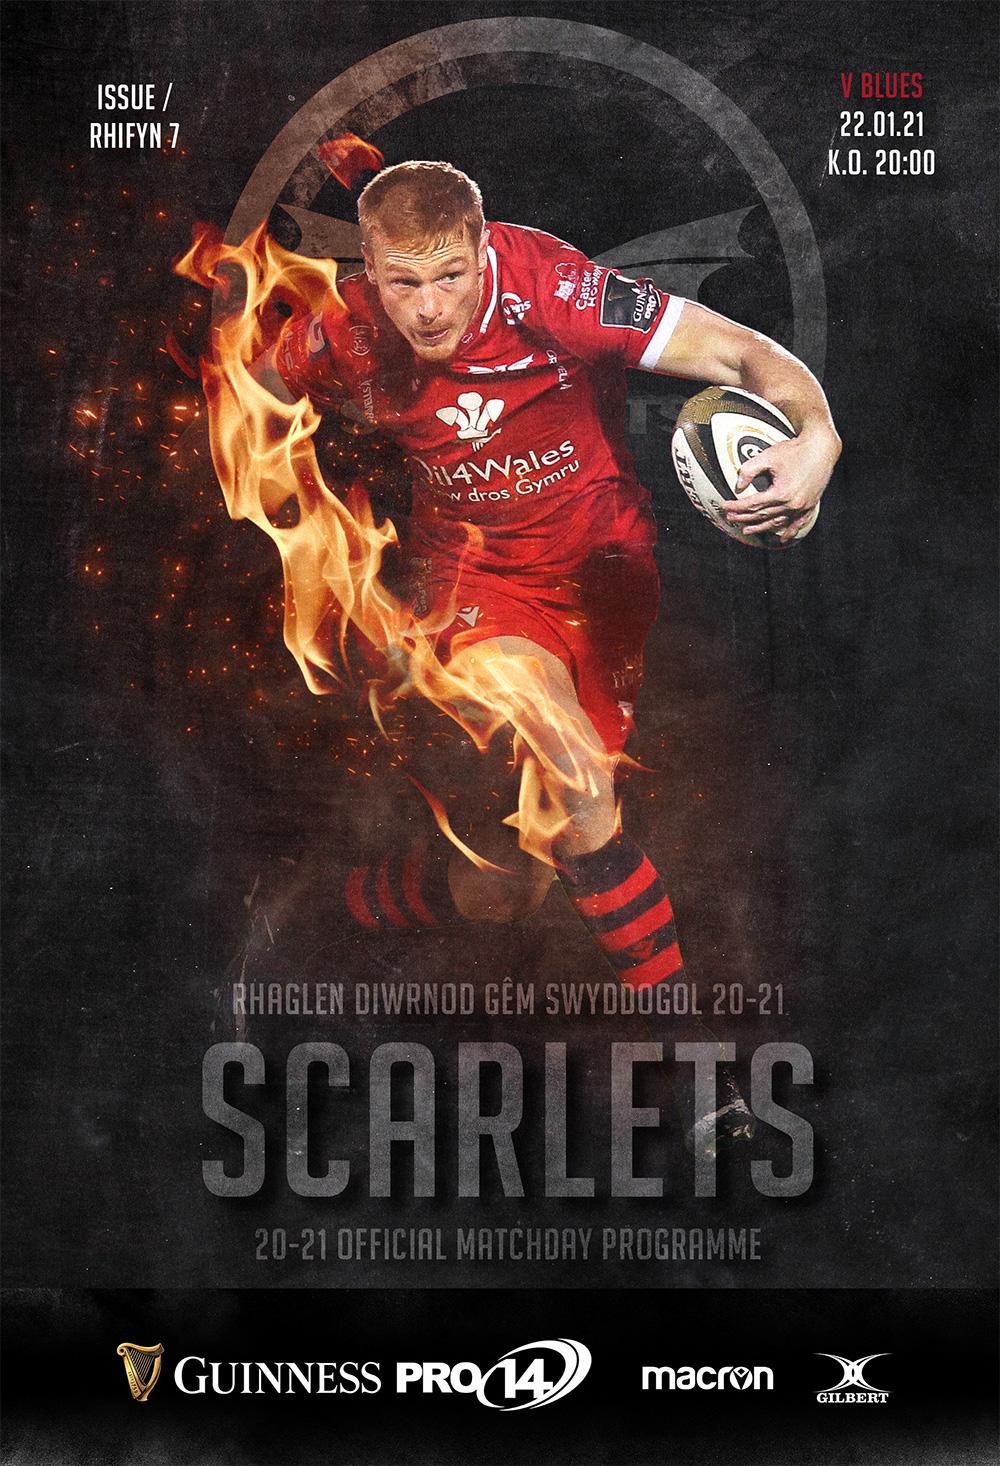 Scarlets v Cardiff Blues Matchday Program